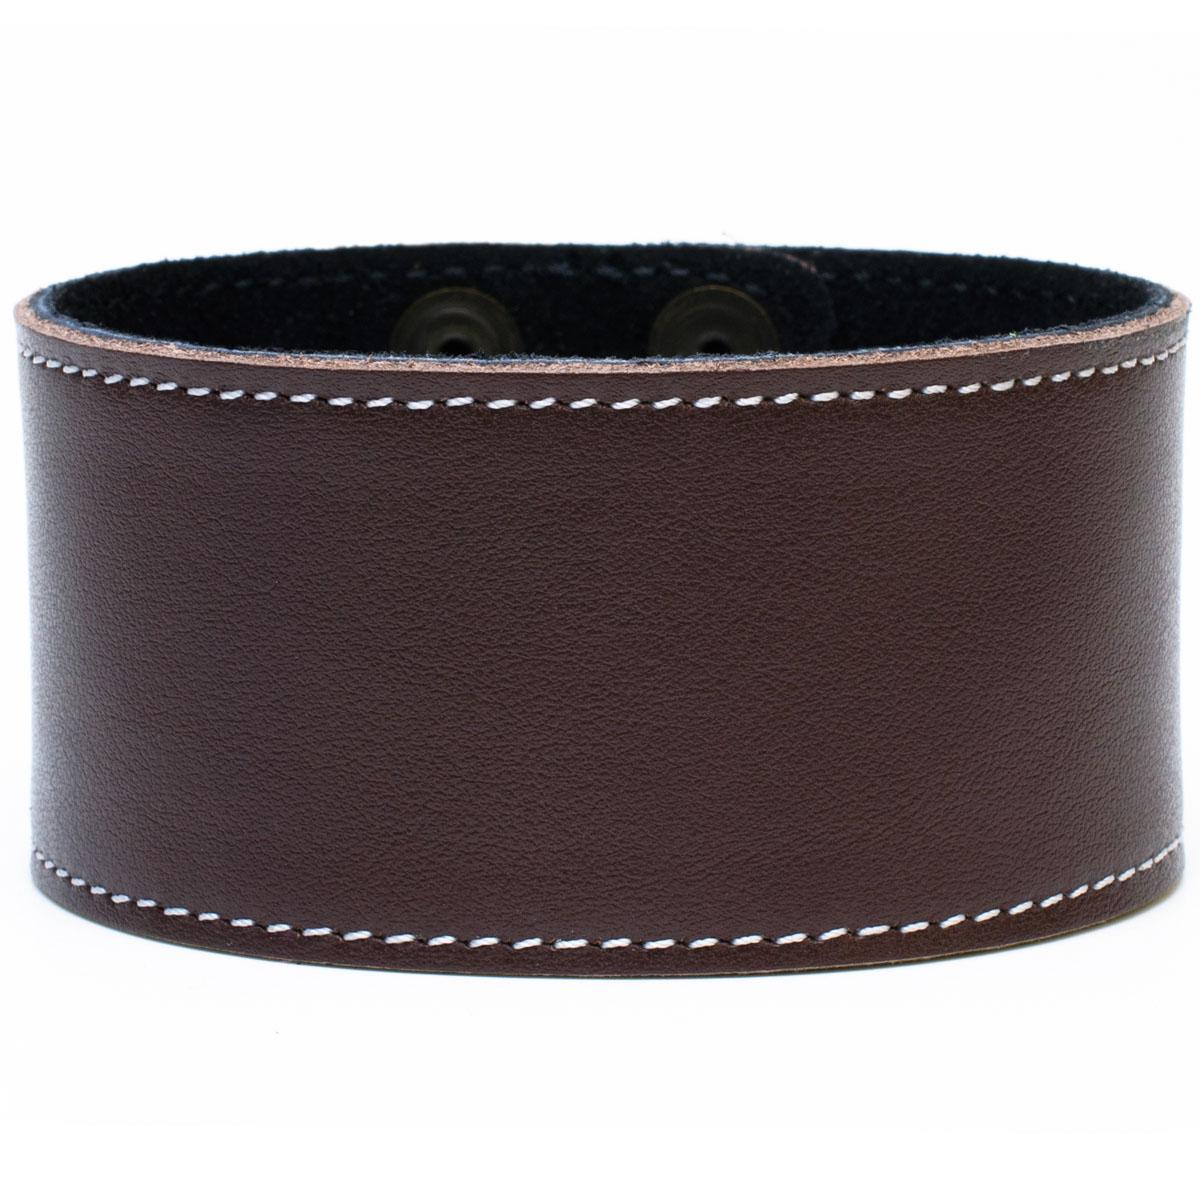 Lederarmband breit  Lederarmband breit echt Leder Armband Regular Unisex Braun